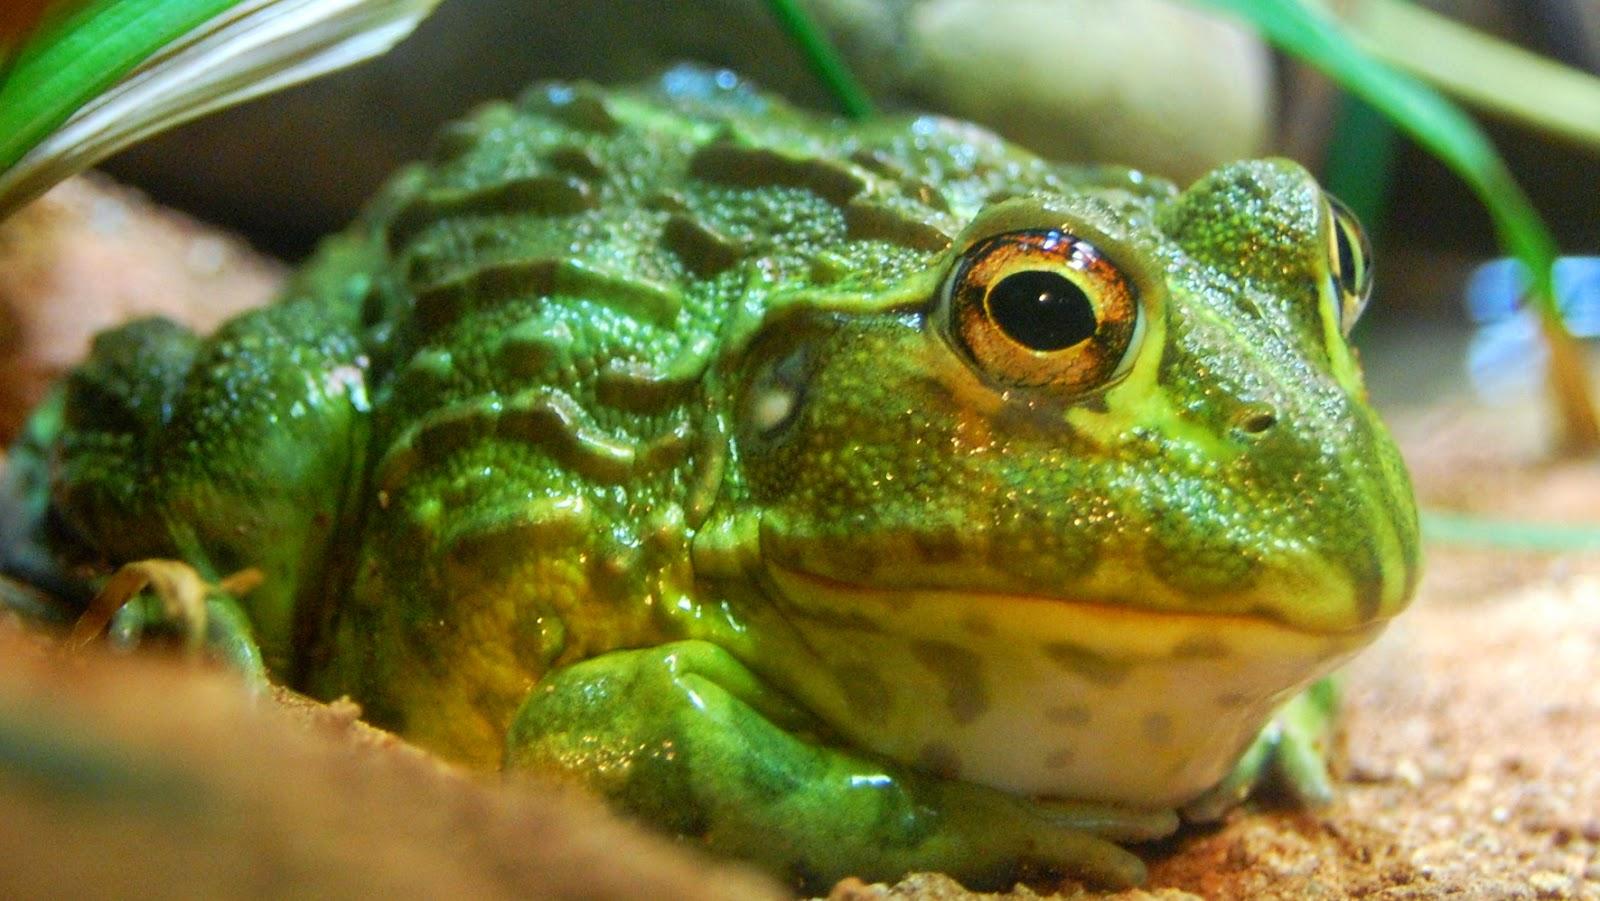 Bullfrog: Makanan - Makanan Lezat Yang Beracun